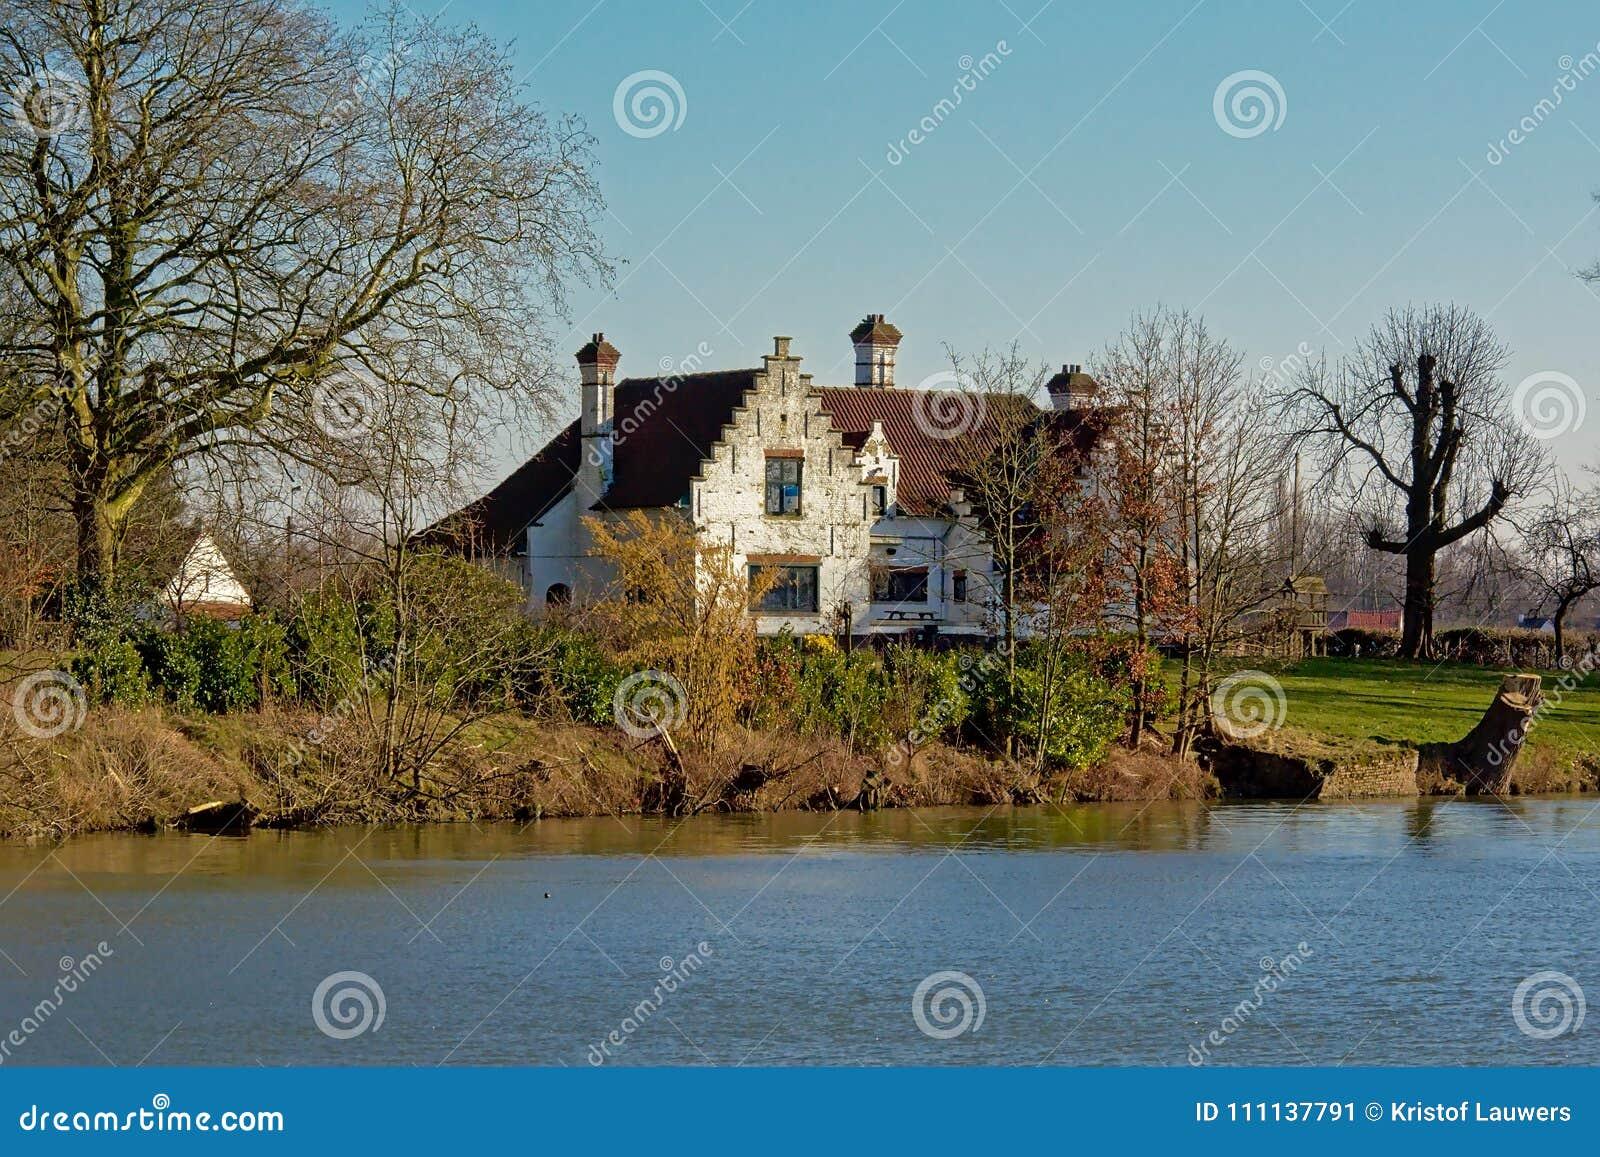 Παλαιά άσπρη βίλα κατά μήκος του ποταμού Lys στη Φλαμανδική περιοχή, Βέλγιο